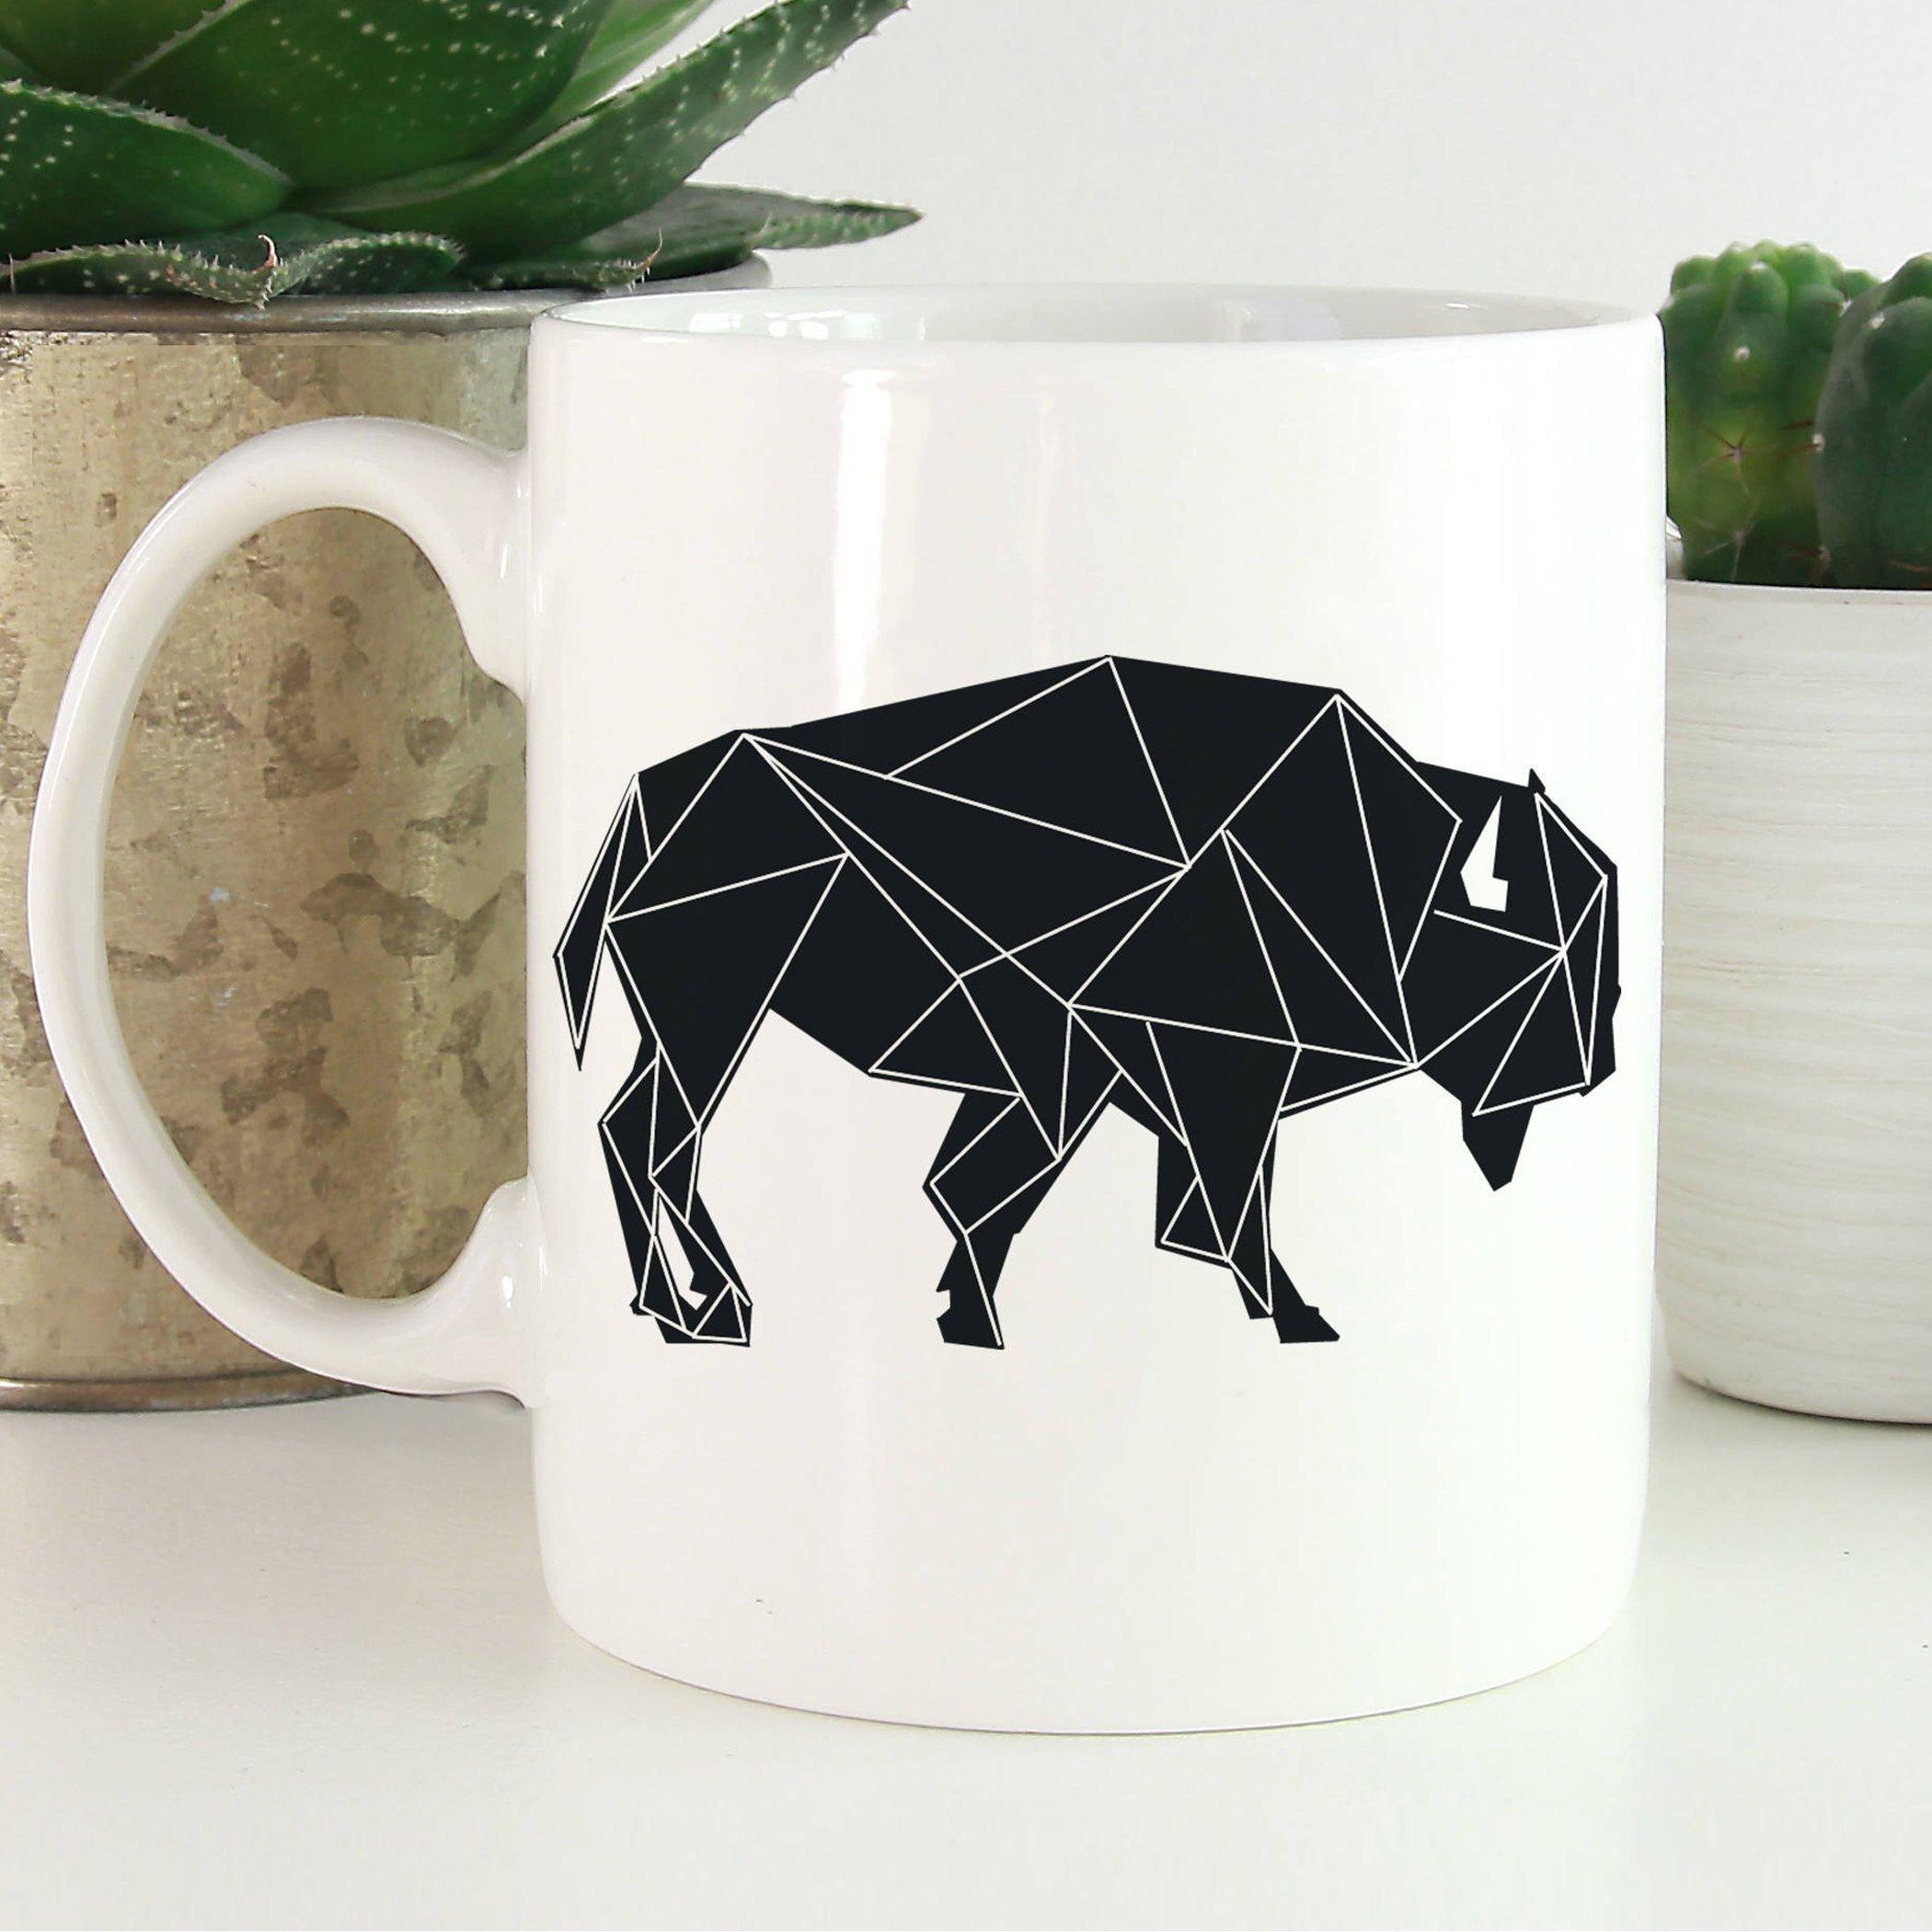 Buffalo Coffee Mug   Geometric Animal Coffee Mug   Animals Mug   Microwave and Dishwasher Safe